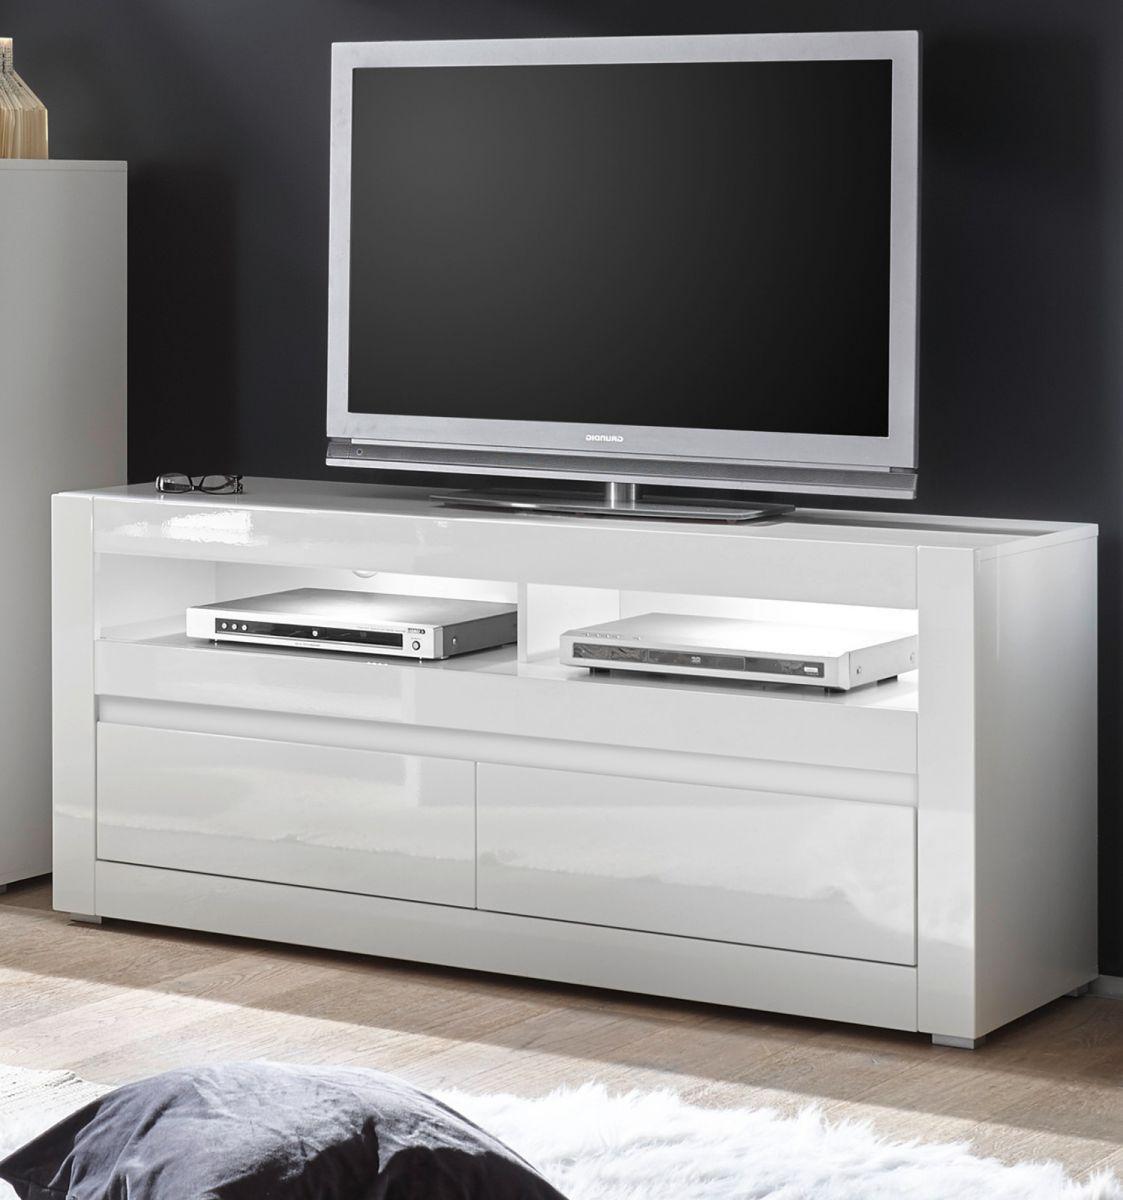 TV-Lowboard Nobile in Hochglanz weiss - Stone Design grau 150 x 63 cm